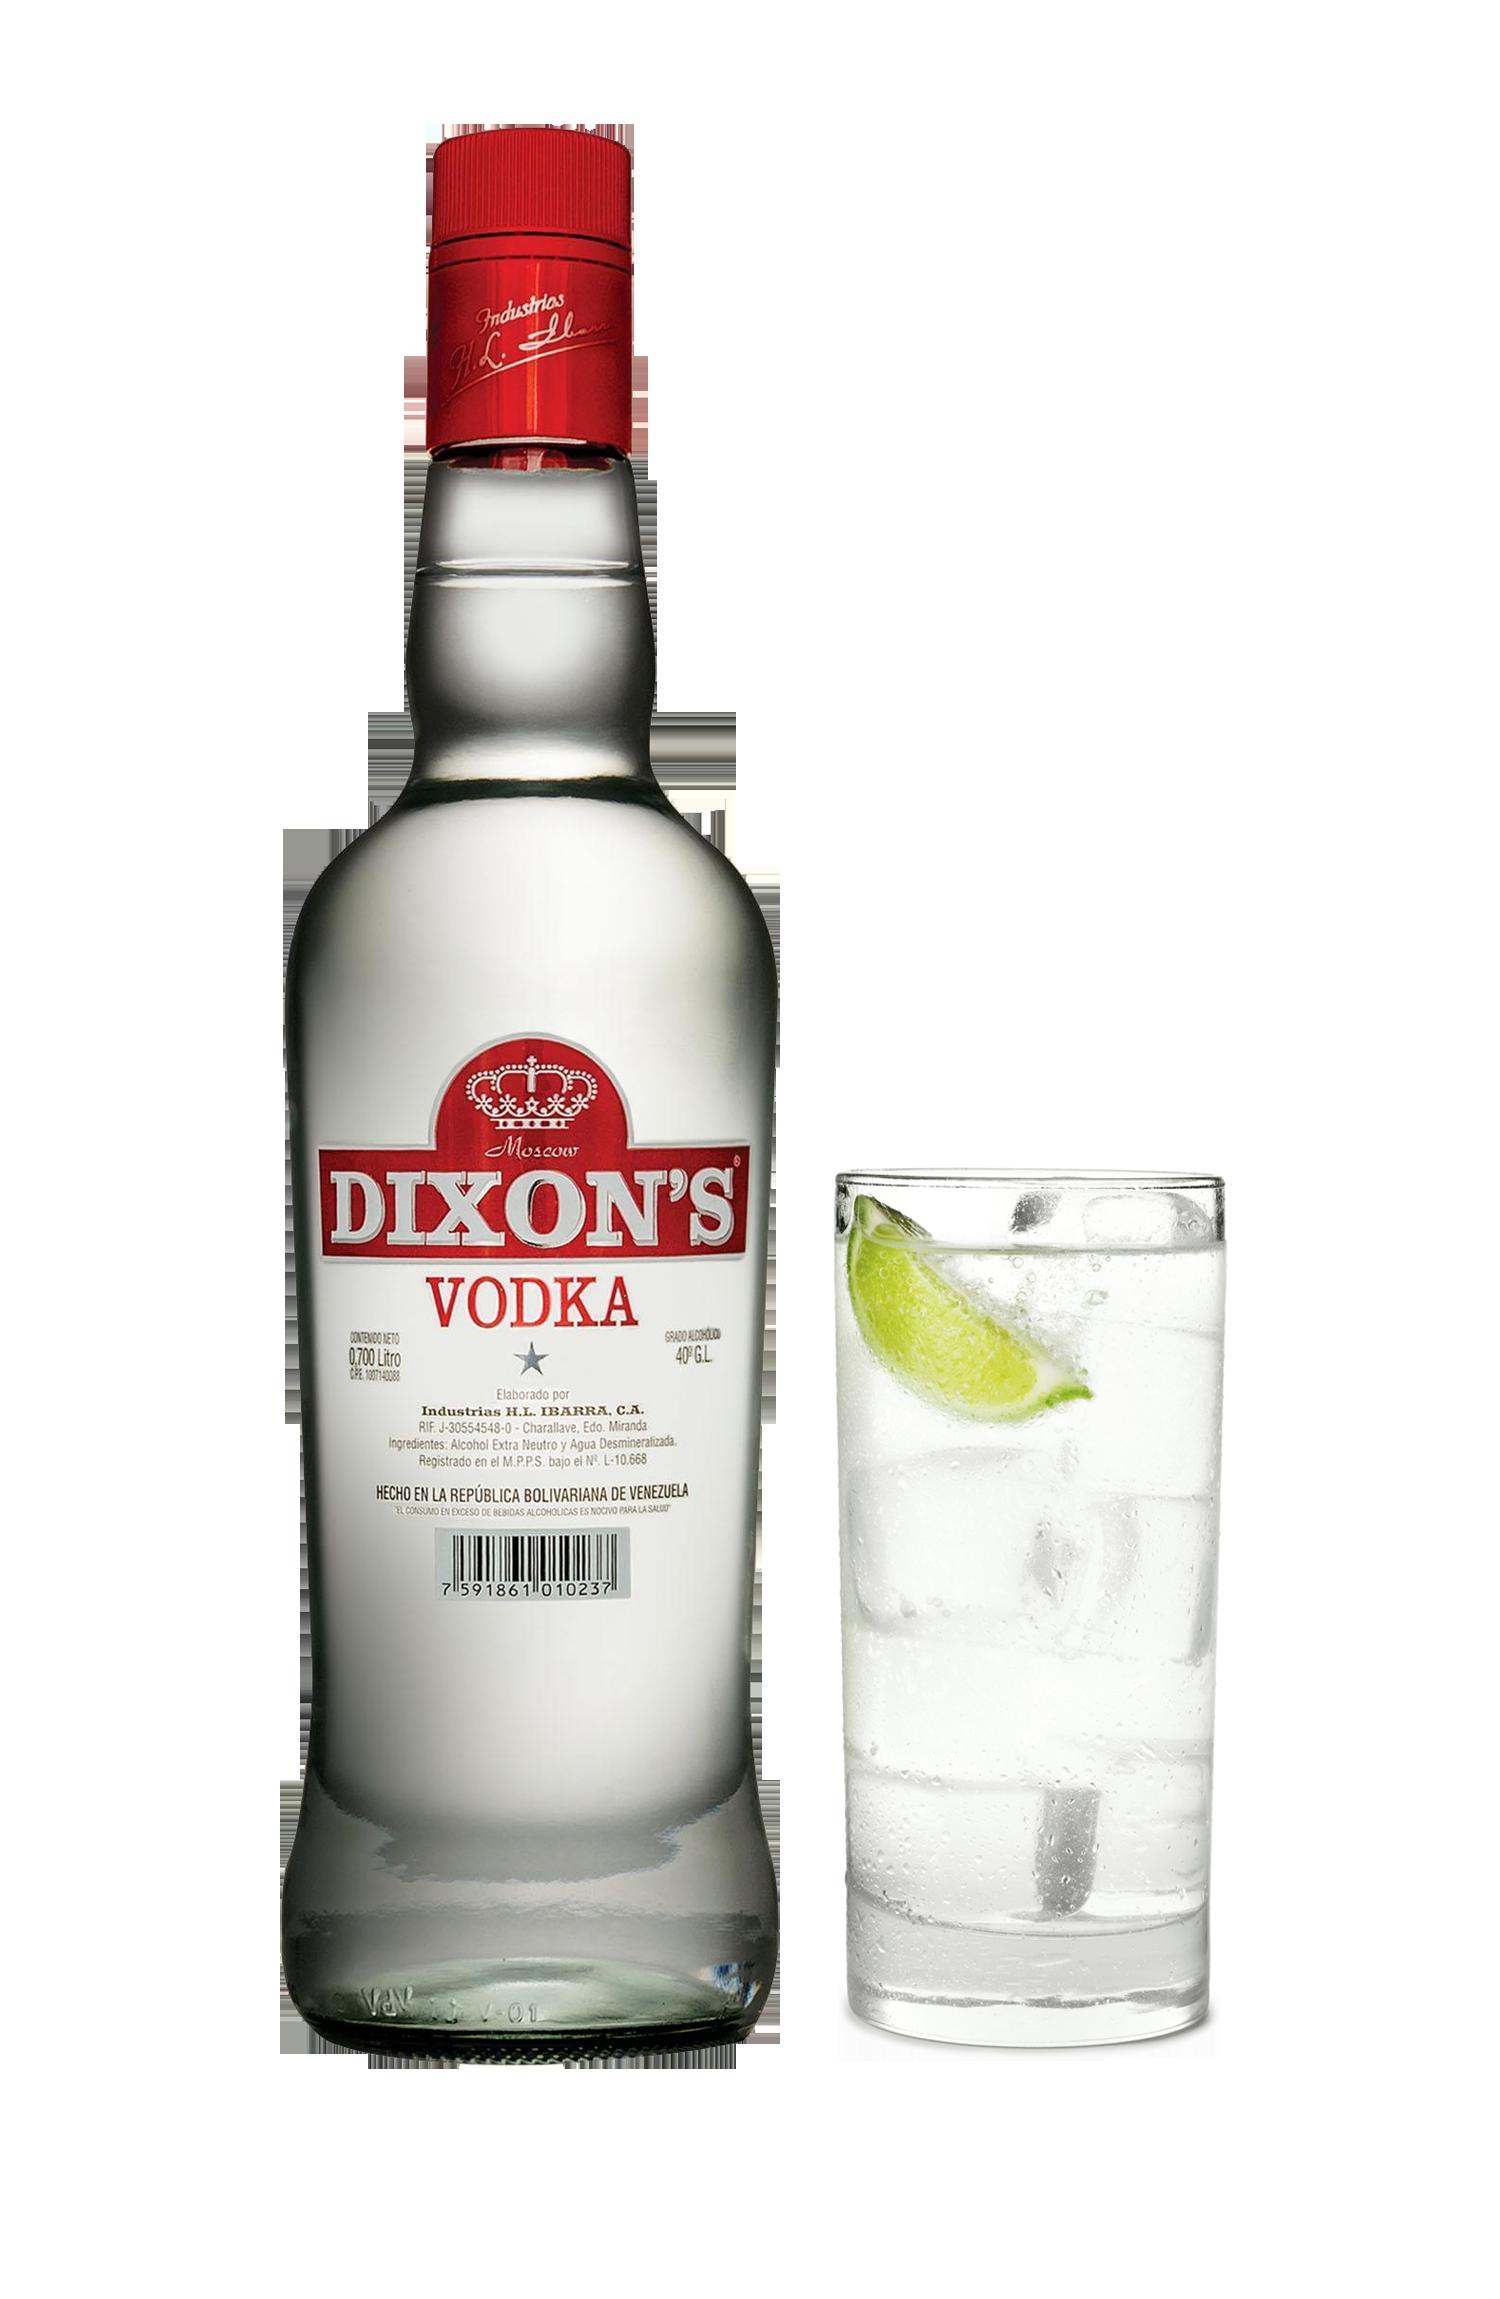 vodka_dixon